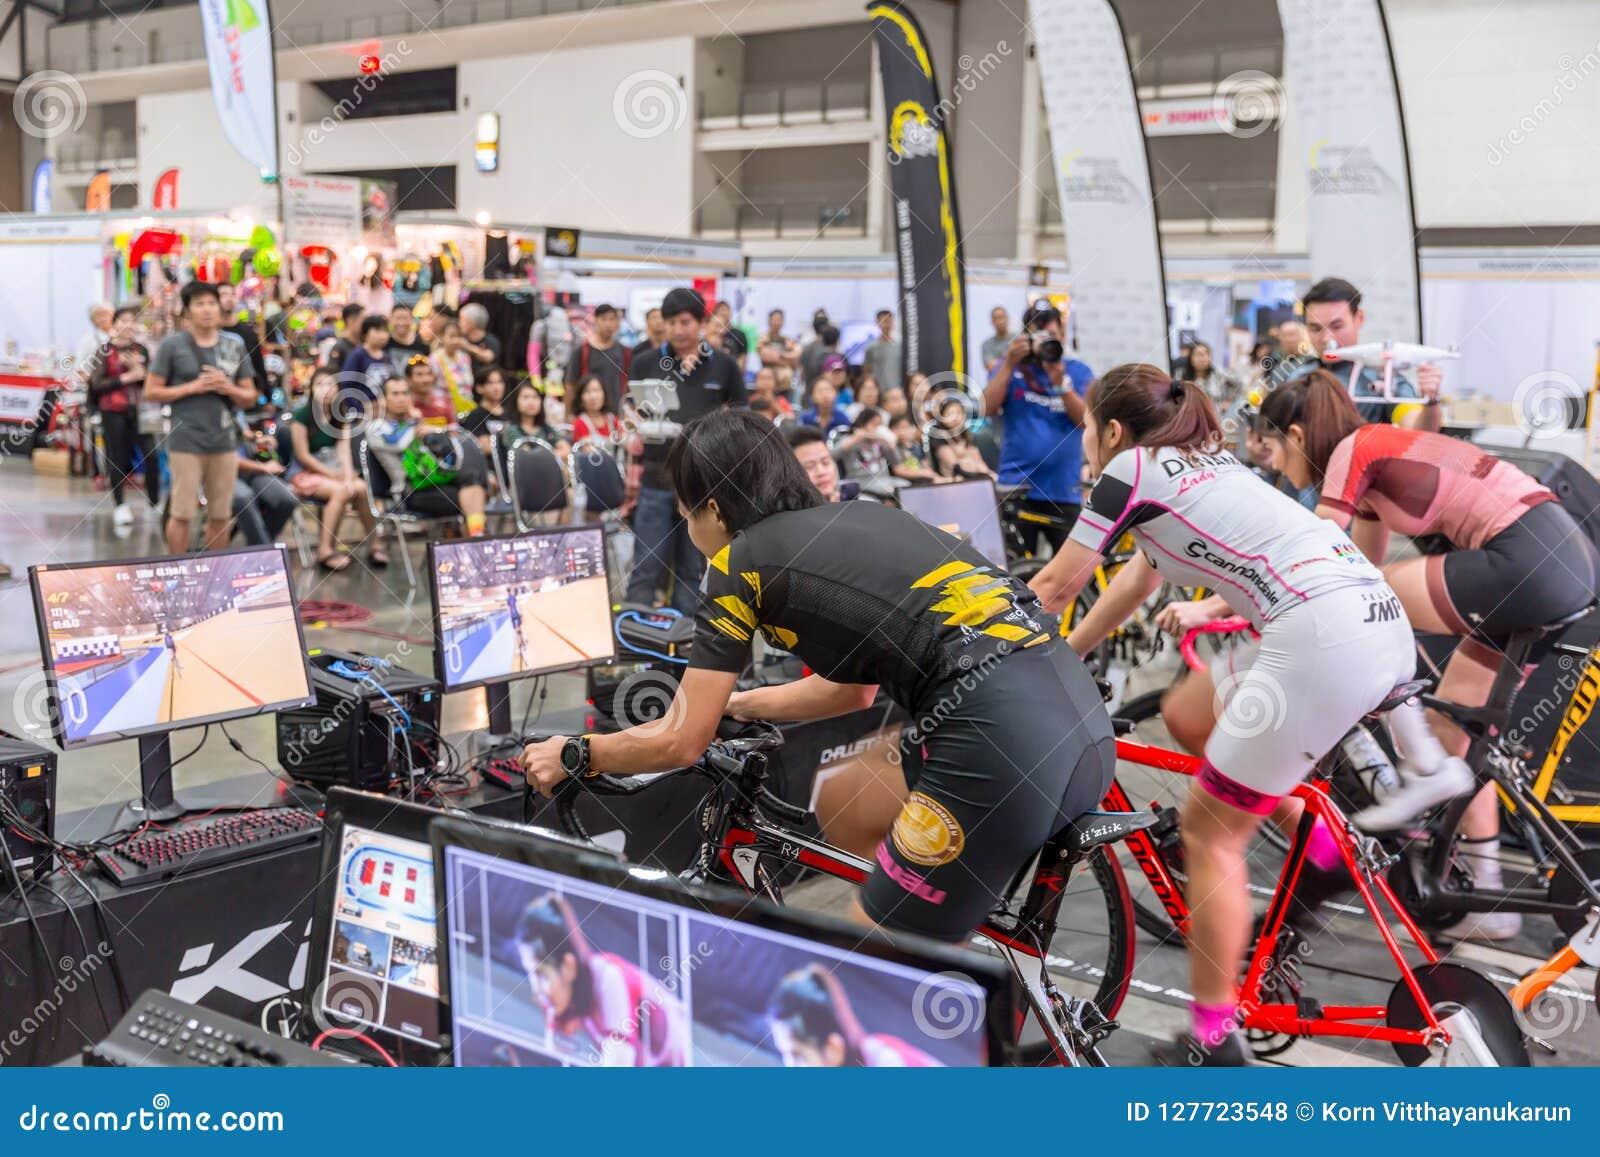 Онлайн игра велосипедные гонки гран при бразилии 2016 гонка онлайн